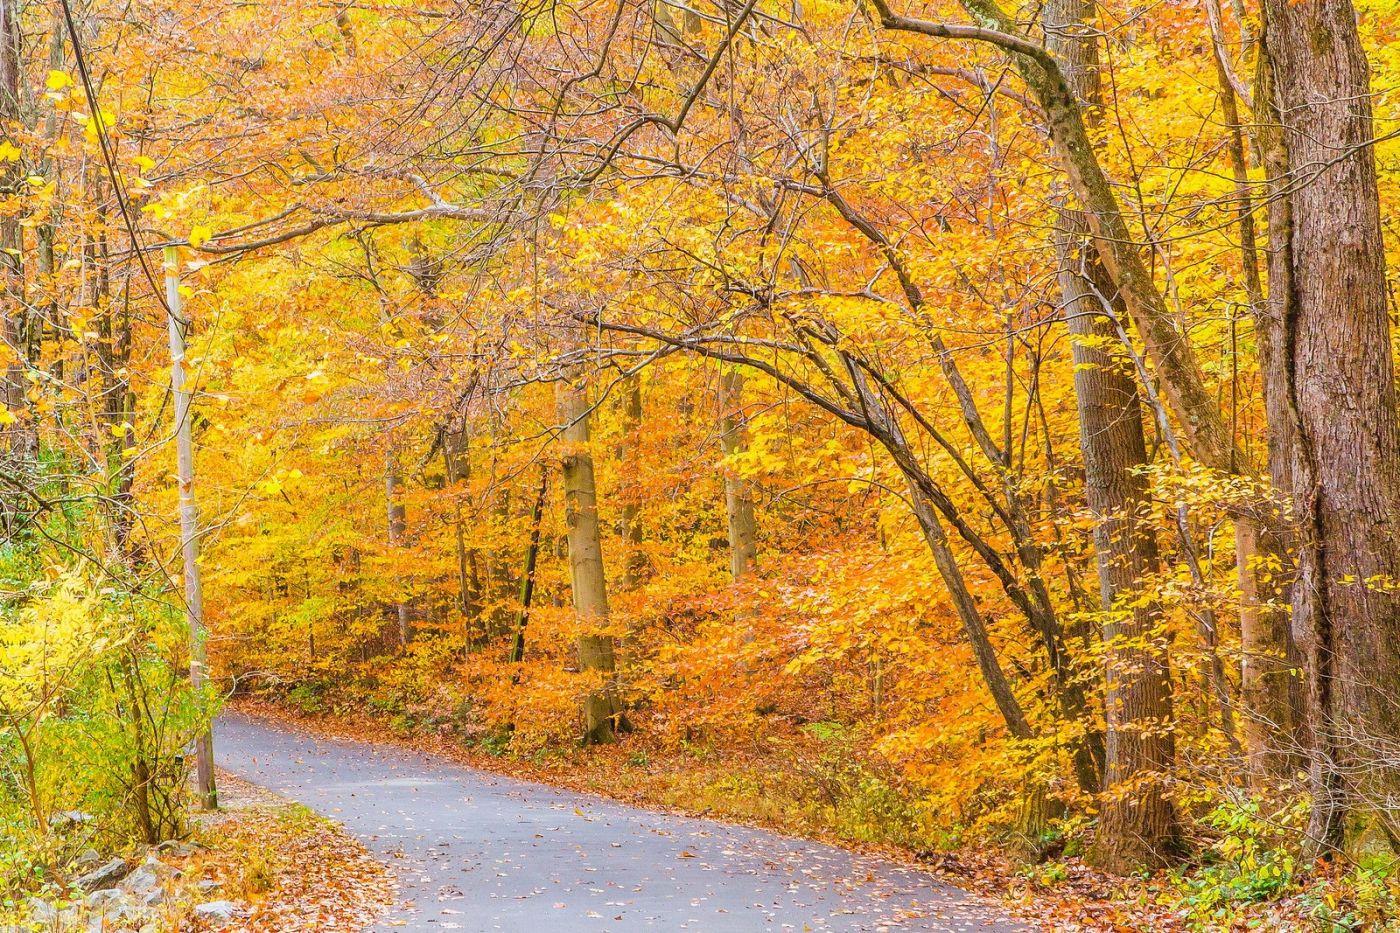 宾州雷德利克里克公园(Ridley creek park),迷人的秋色_图1-15